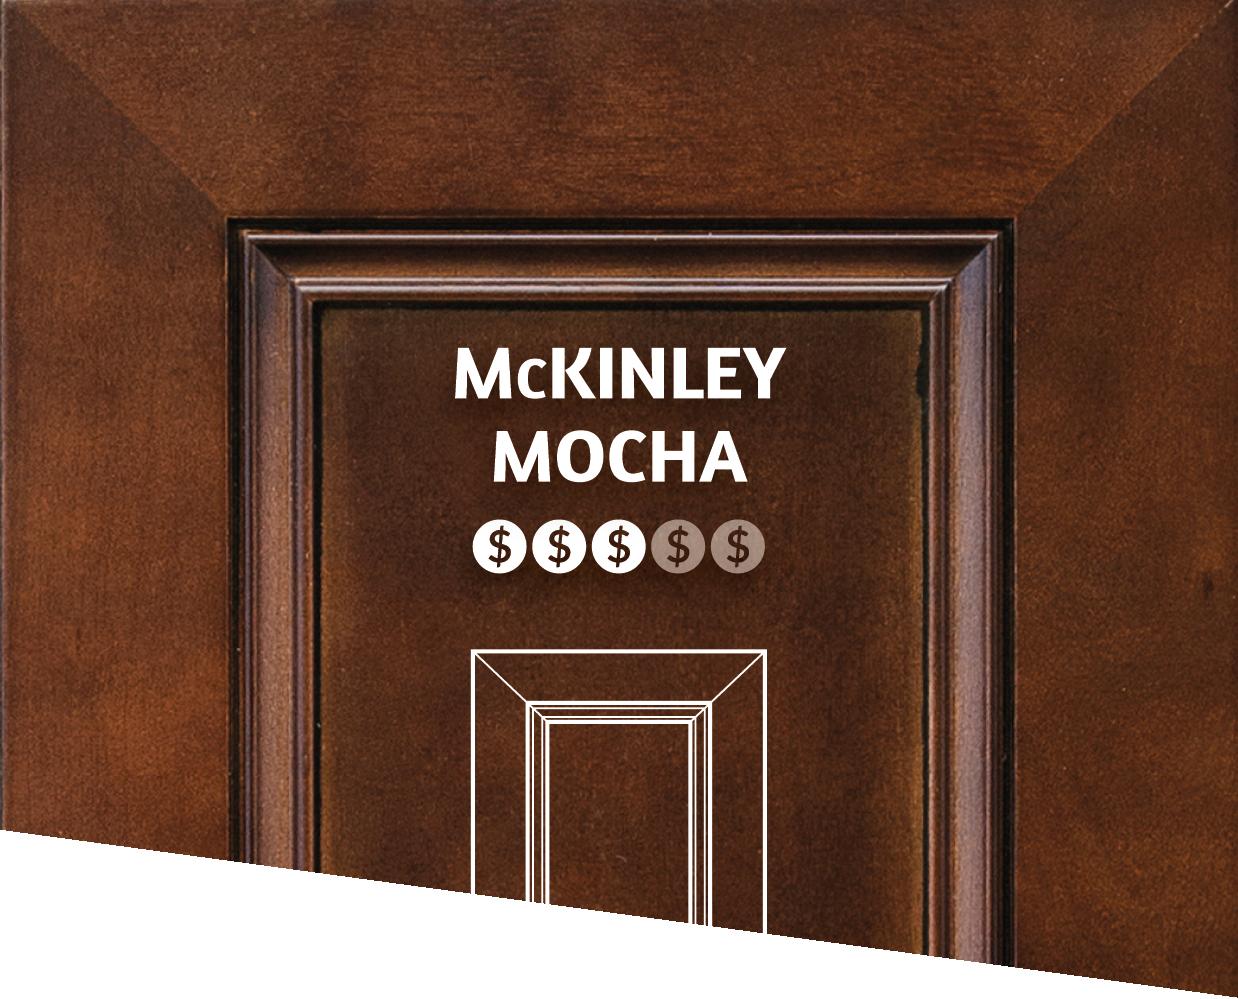 mckinley-mocha-door.png